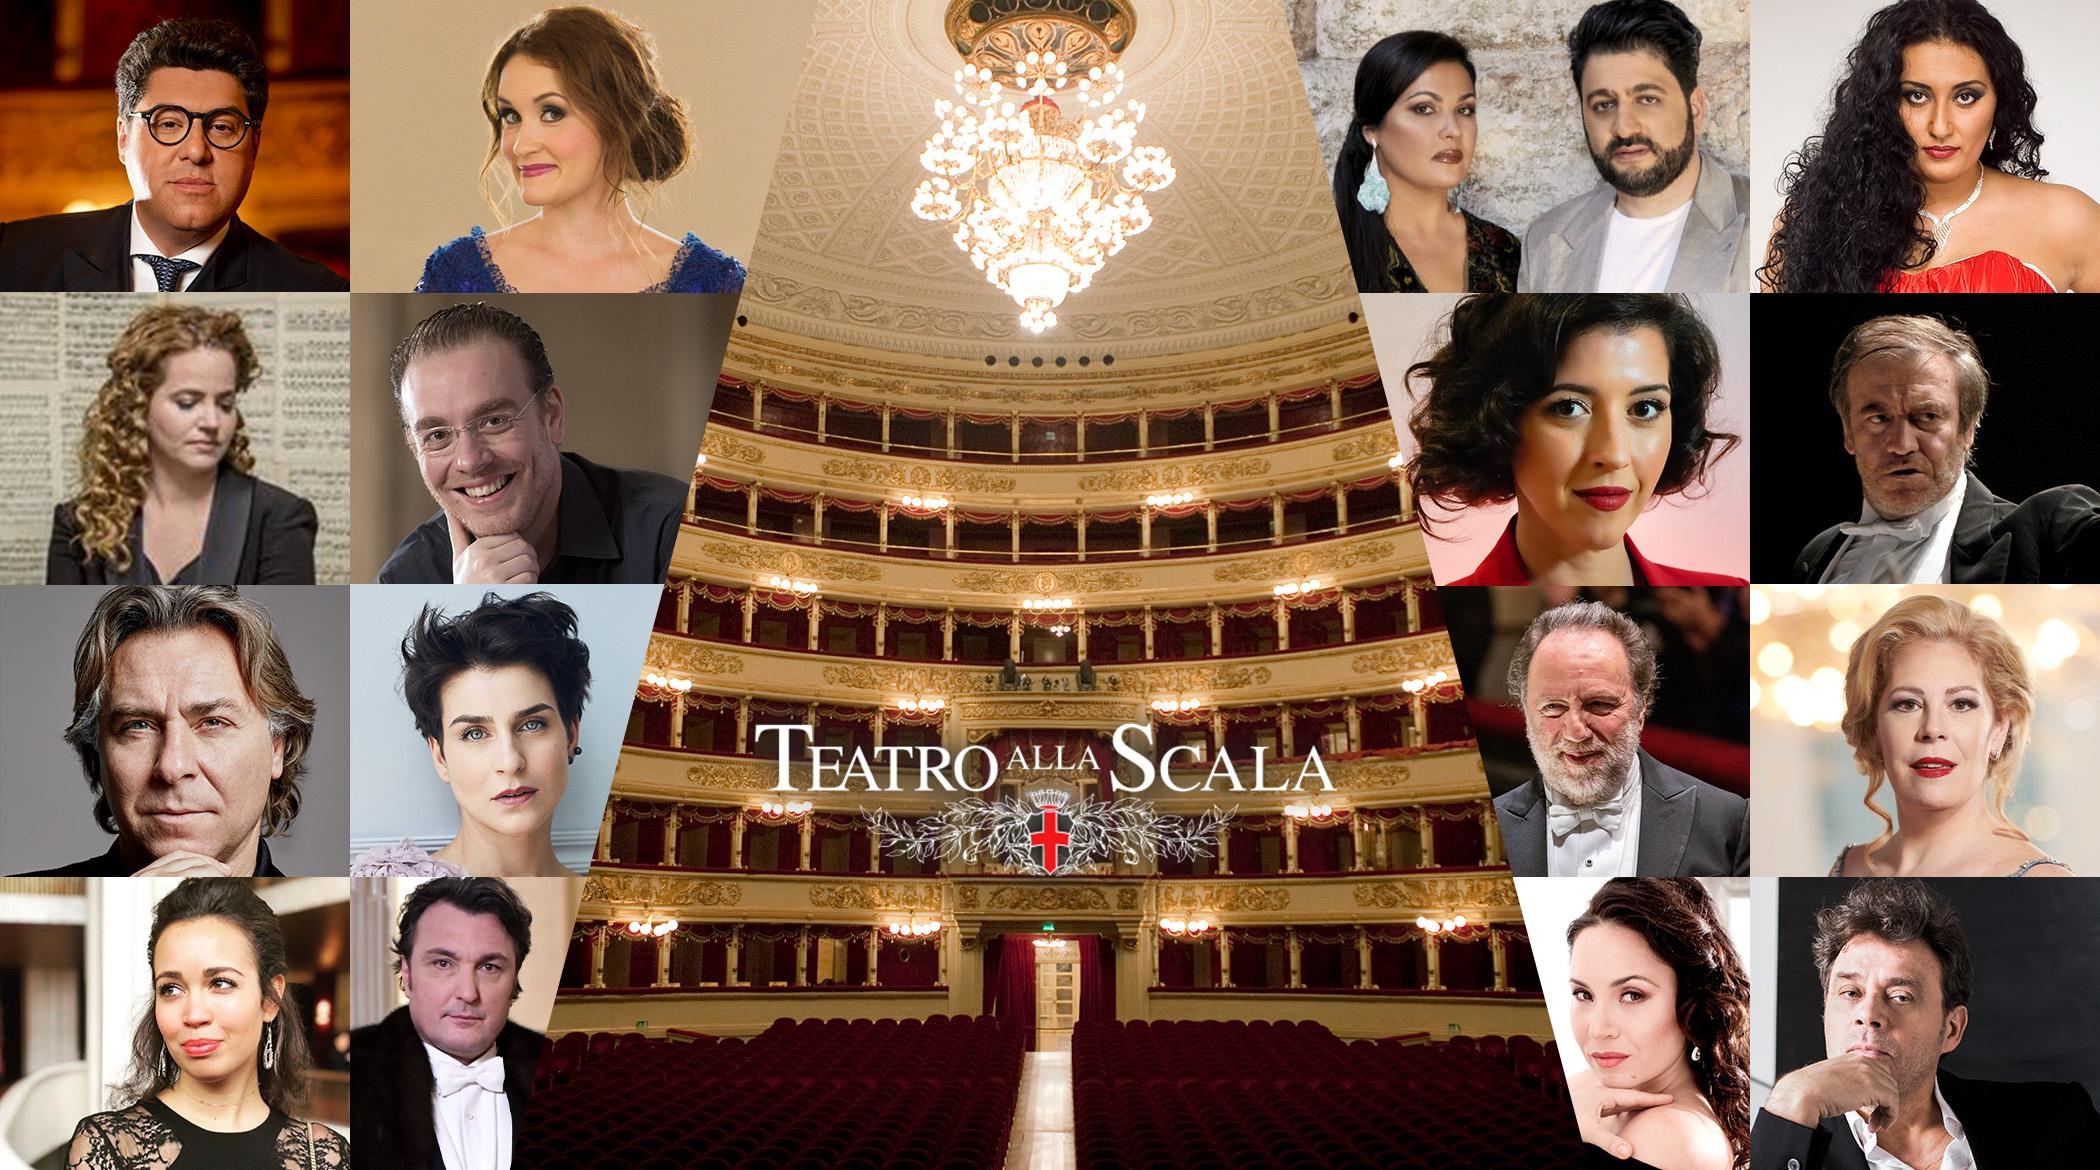 La stagione 21/22 del Teatro alla Scala; Scala 2122; Anna Netrebko; Sonya Yoncheva; Nadine Sierra; Lisette Oropesa; Sondra Radvanovsky; Speranza Scappucci; Asmik Grigorian